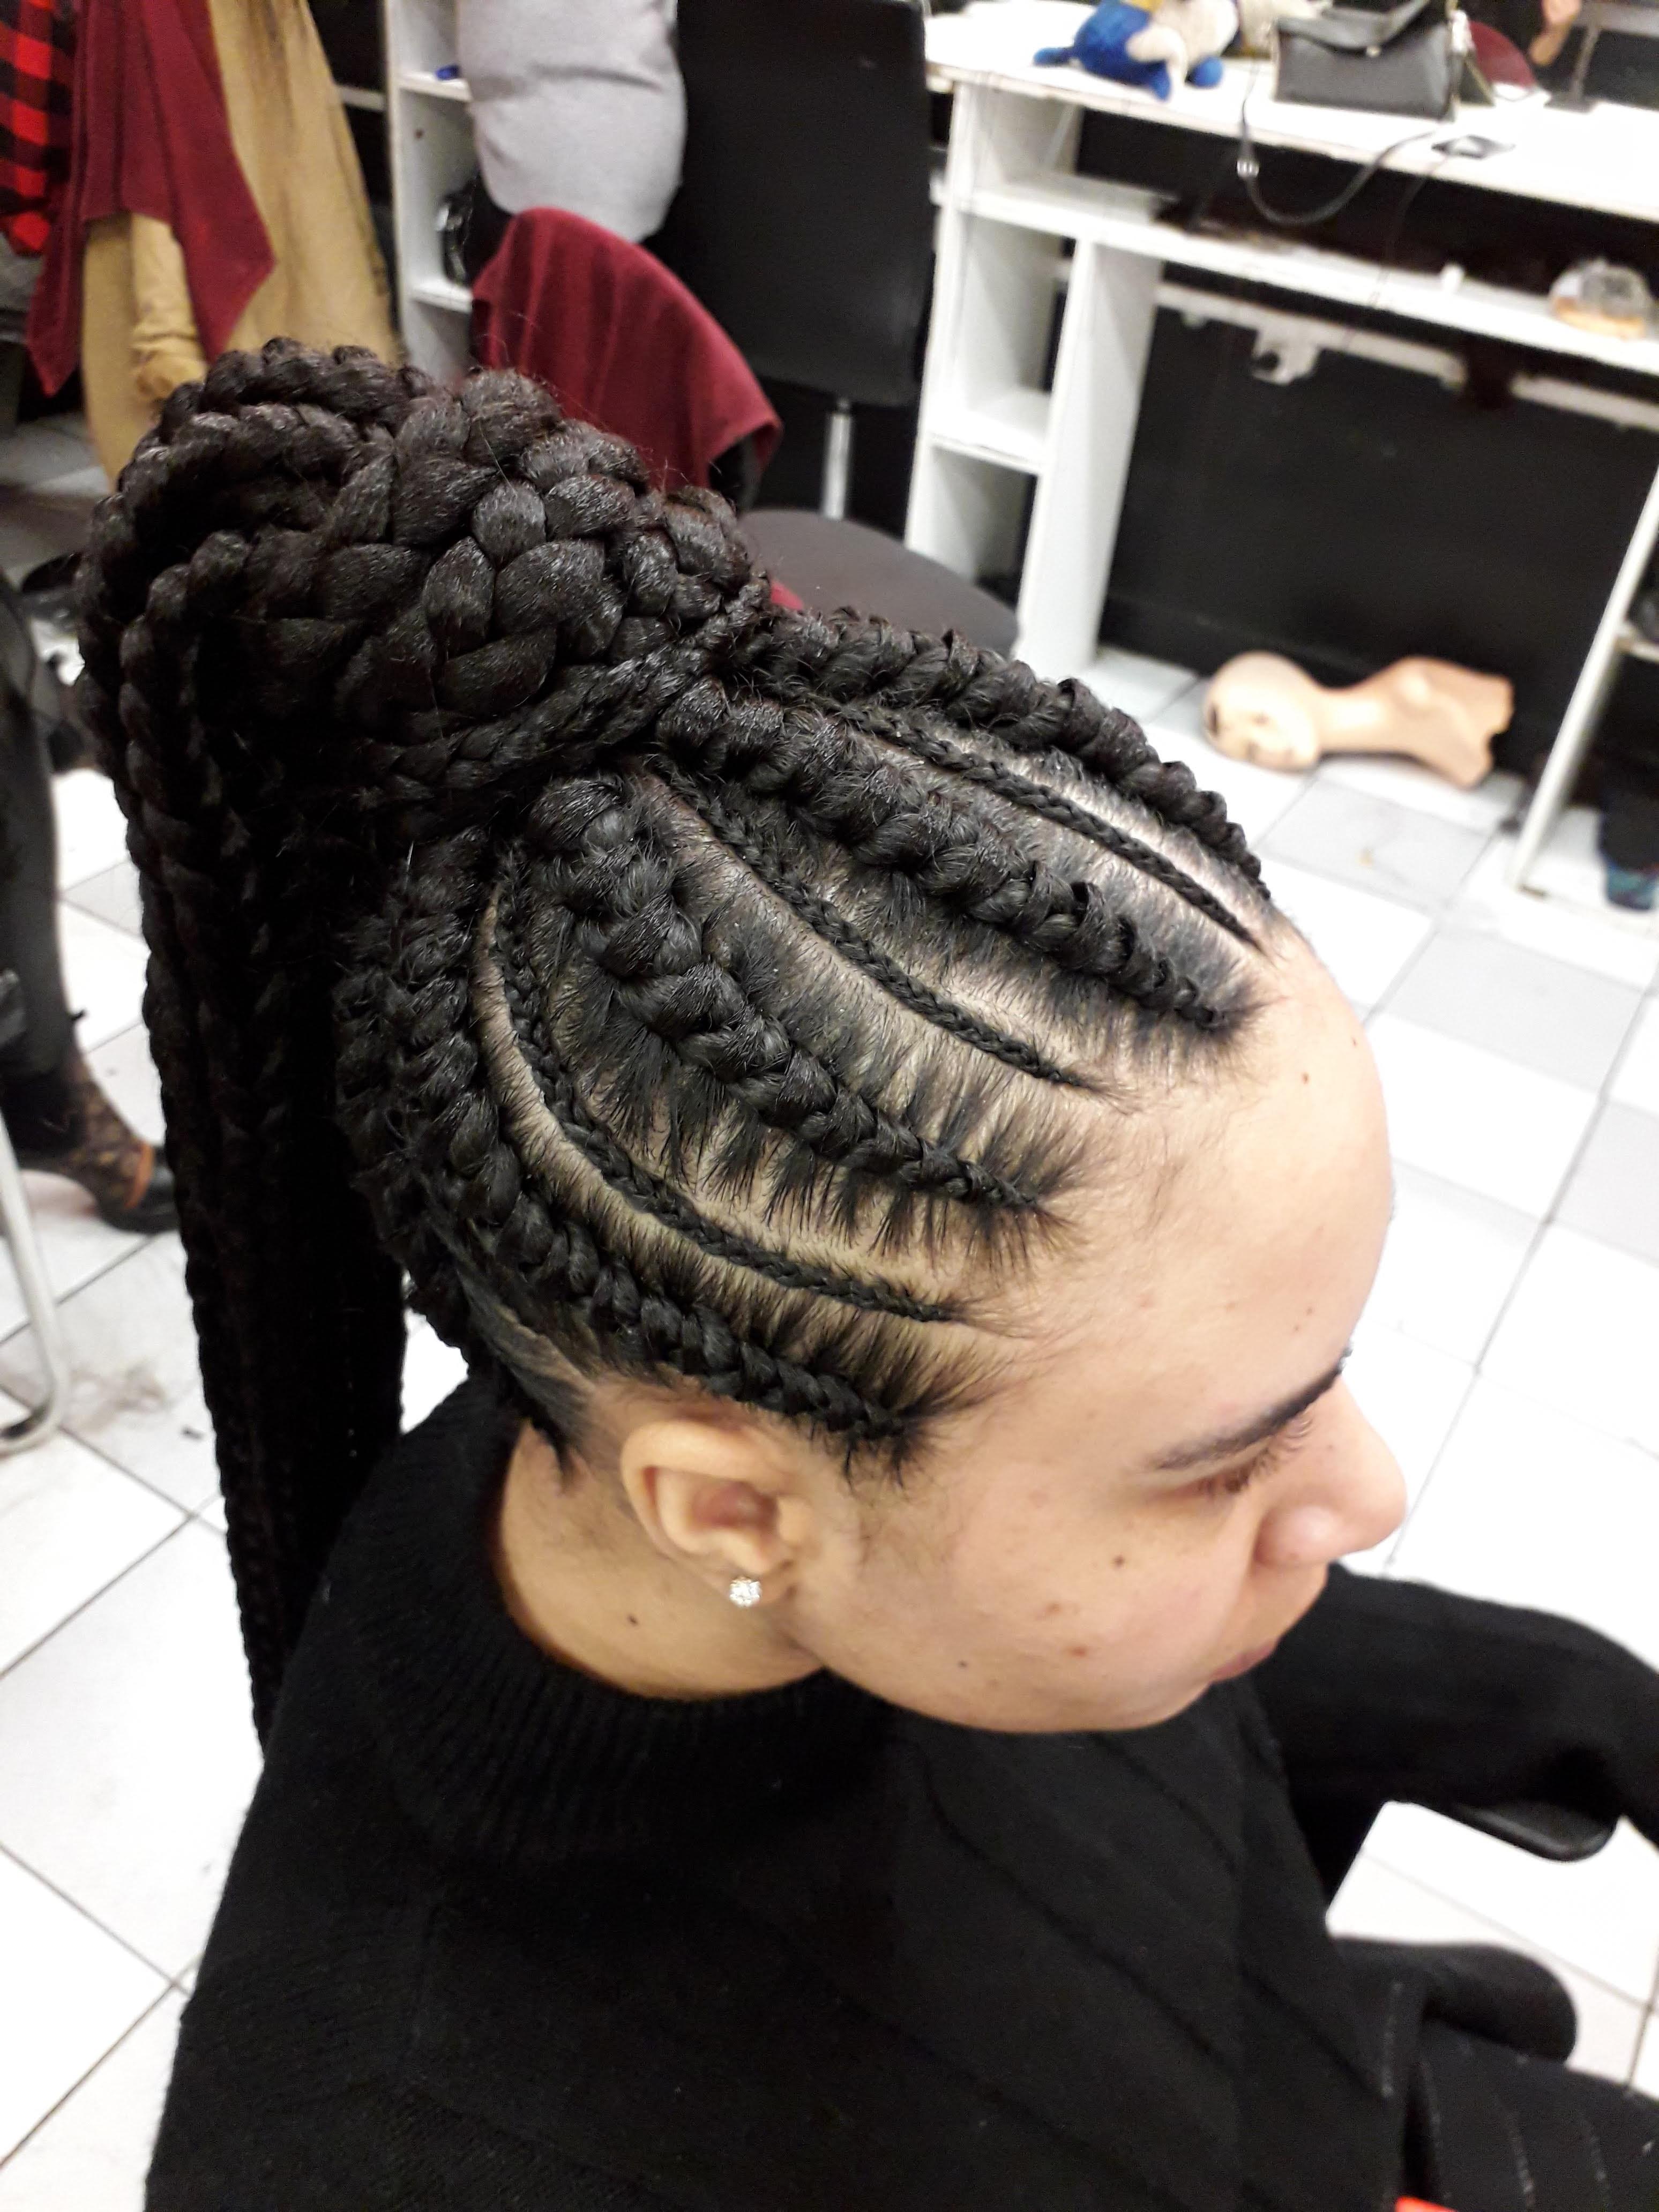 salon de coiffure afro tresse tresses box braids crochet braids vanilles tissages paris 75 77 78 91 92 93 94 95 DEVMDJAZ